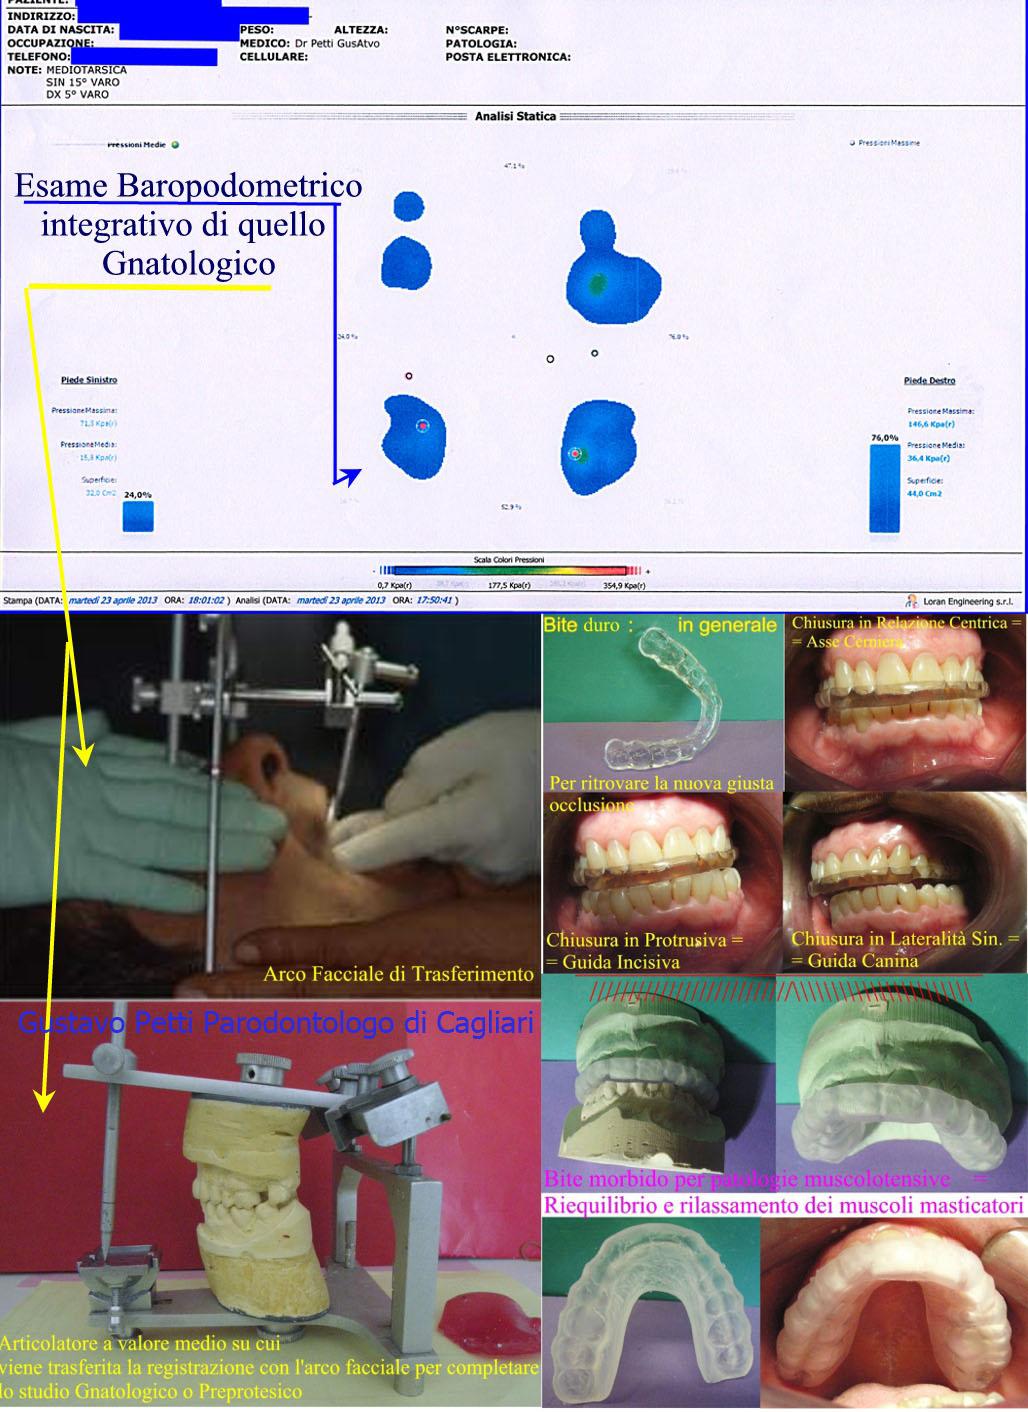 gnatologia-dr-g.petti-cagliari-293.jpg